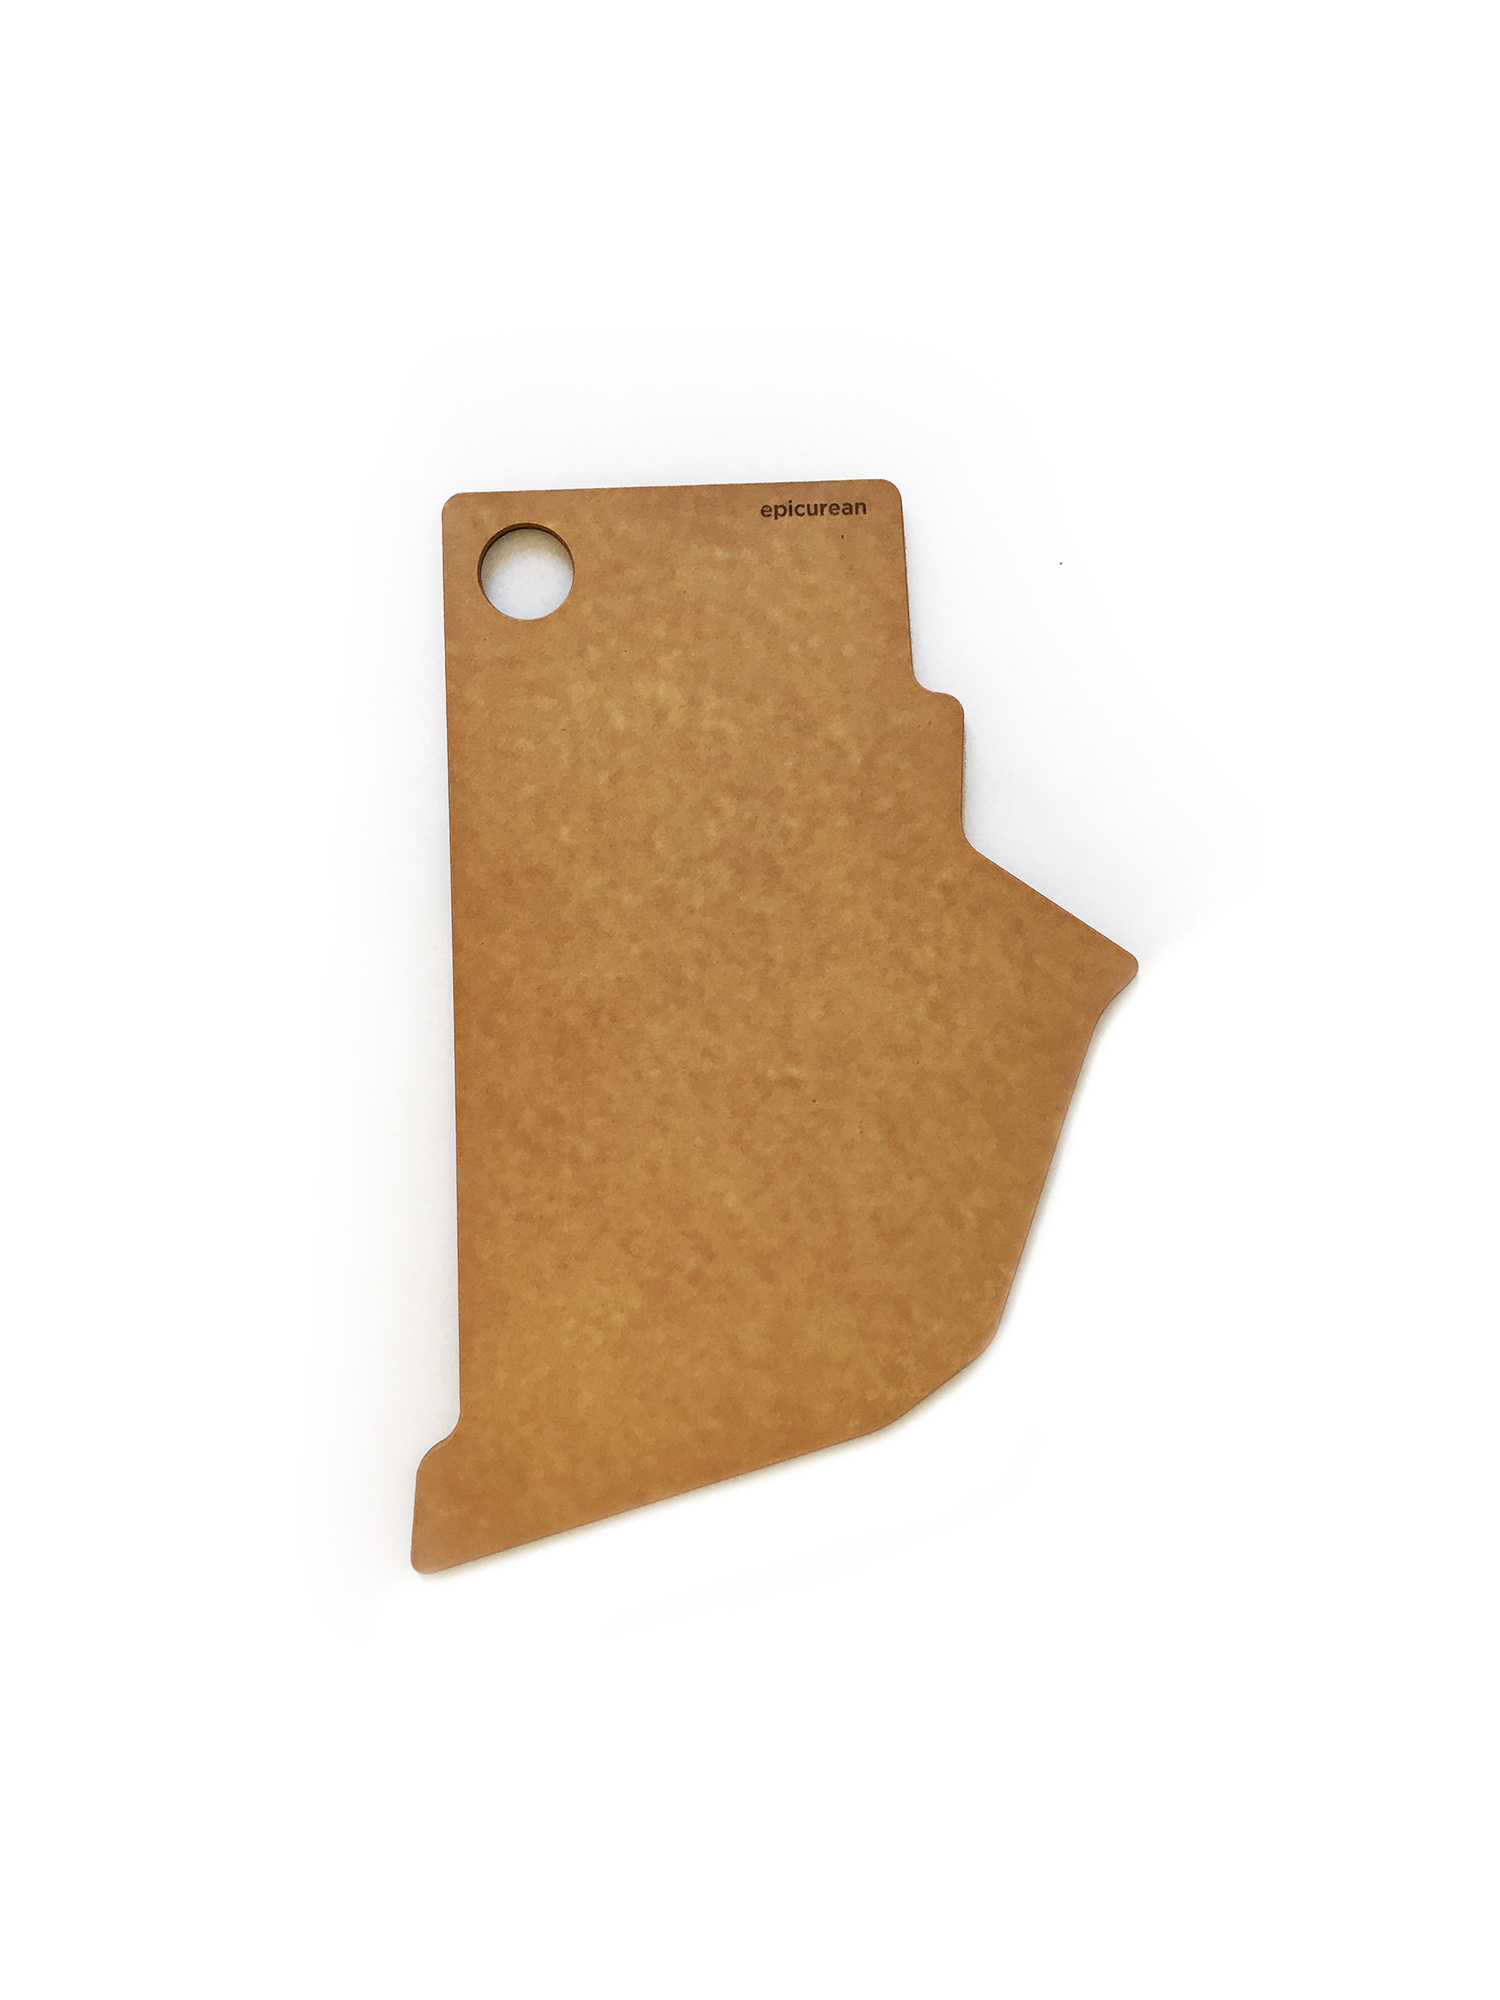 Epicurean Rhode Island Cutting Board-1